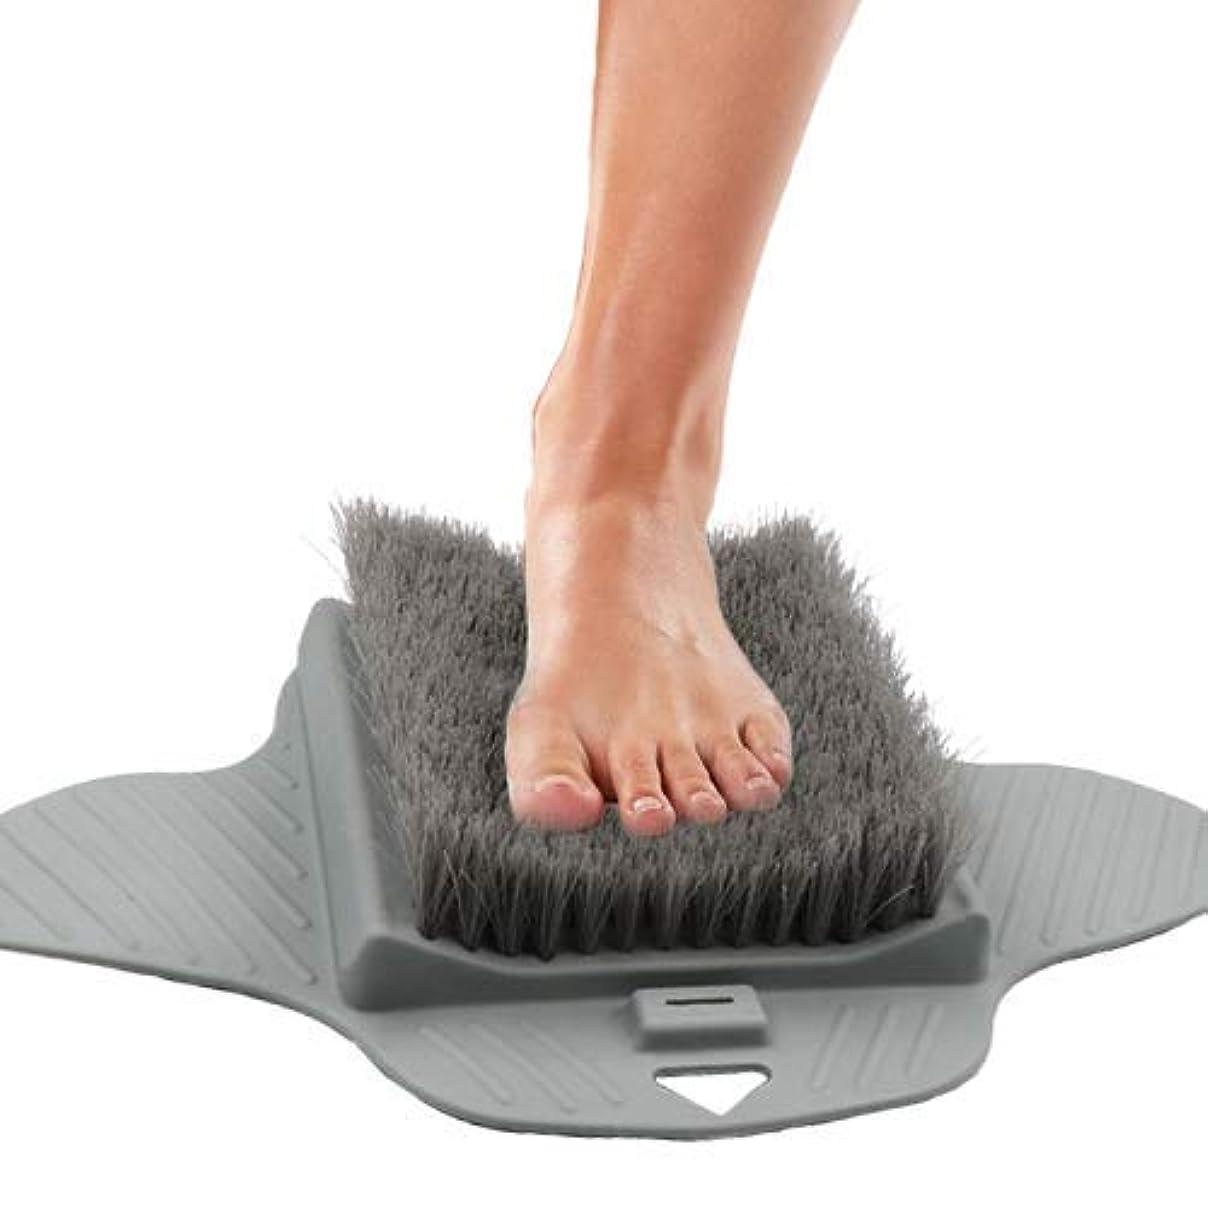 エーカーパズル検索エンジンマーケティングJhua 足の裏とカルスを掃除するためのシャワーフットスクラバーバスタブフロアブラシ-滑り止め吸引カップ、指圧マッサージマットフットクリーナー